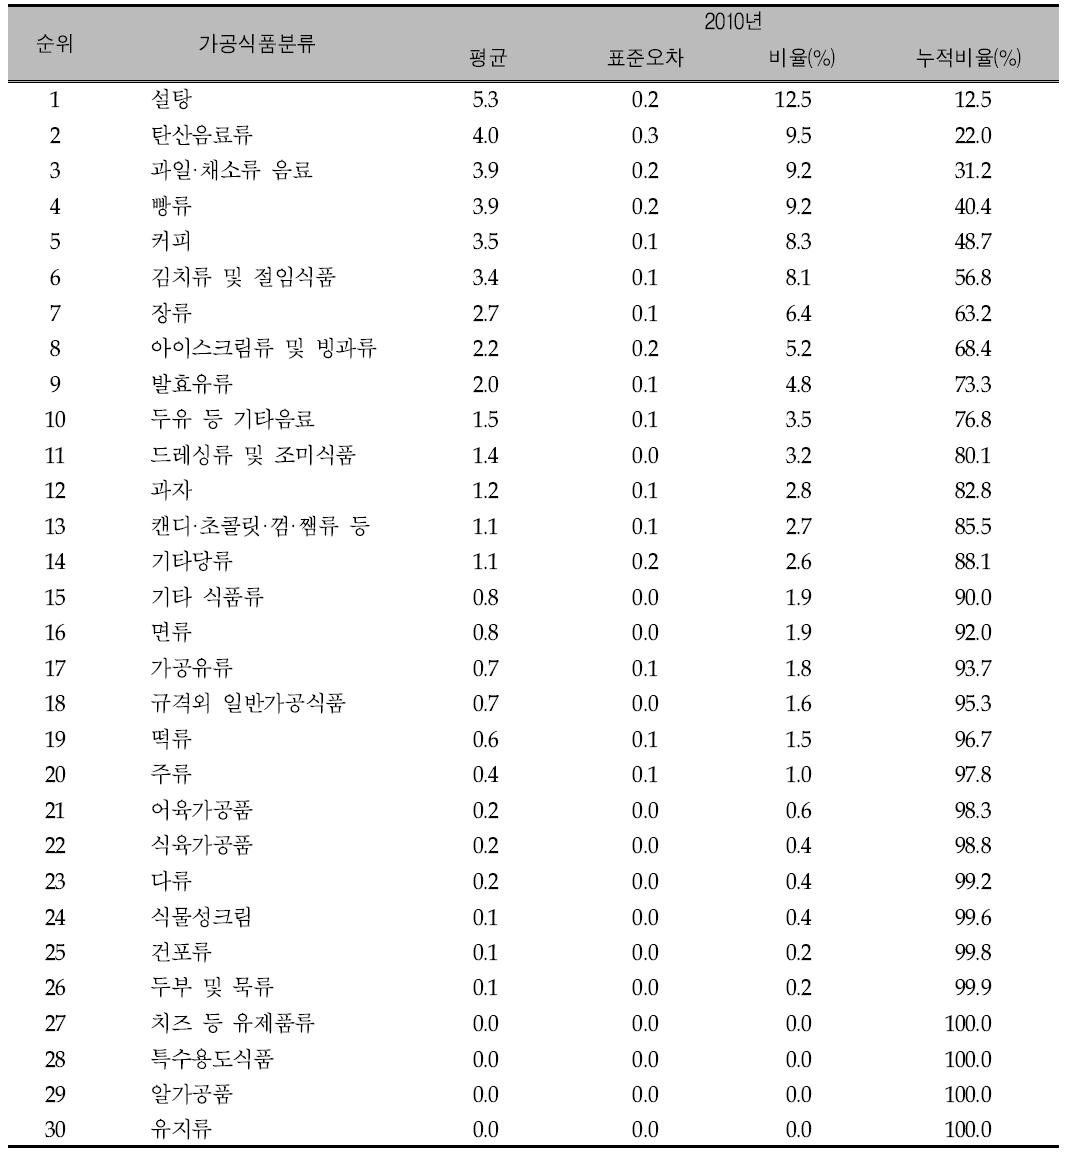 가공식품 30군의 연도별 주요 당류 급원 식품 순위:: 국민건강영양조사 2010년